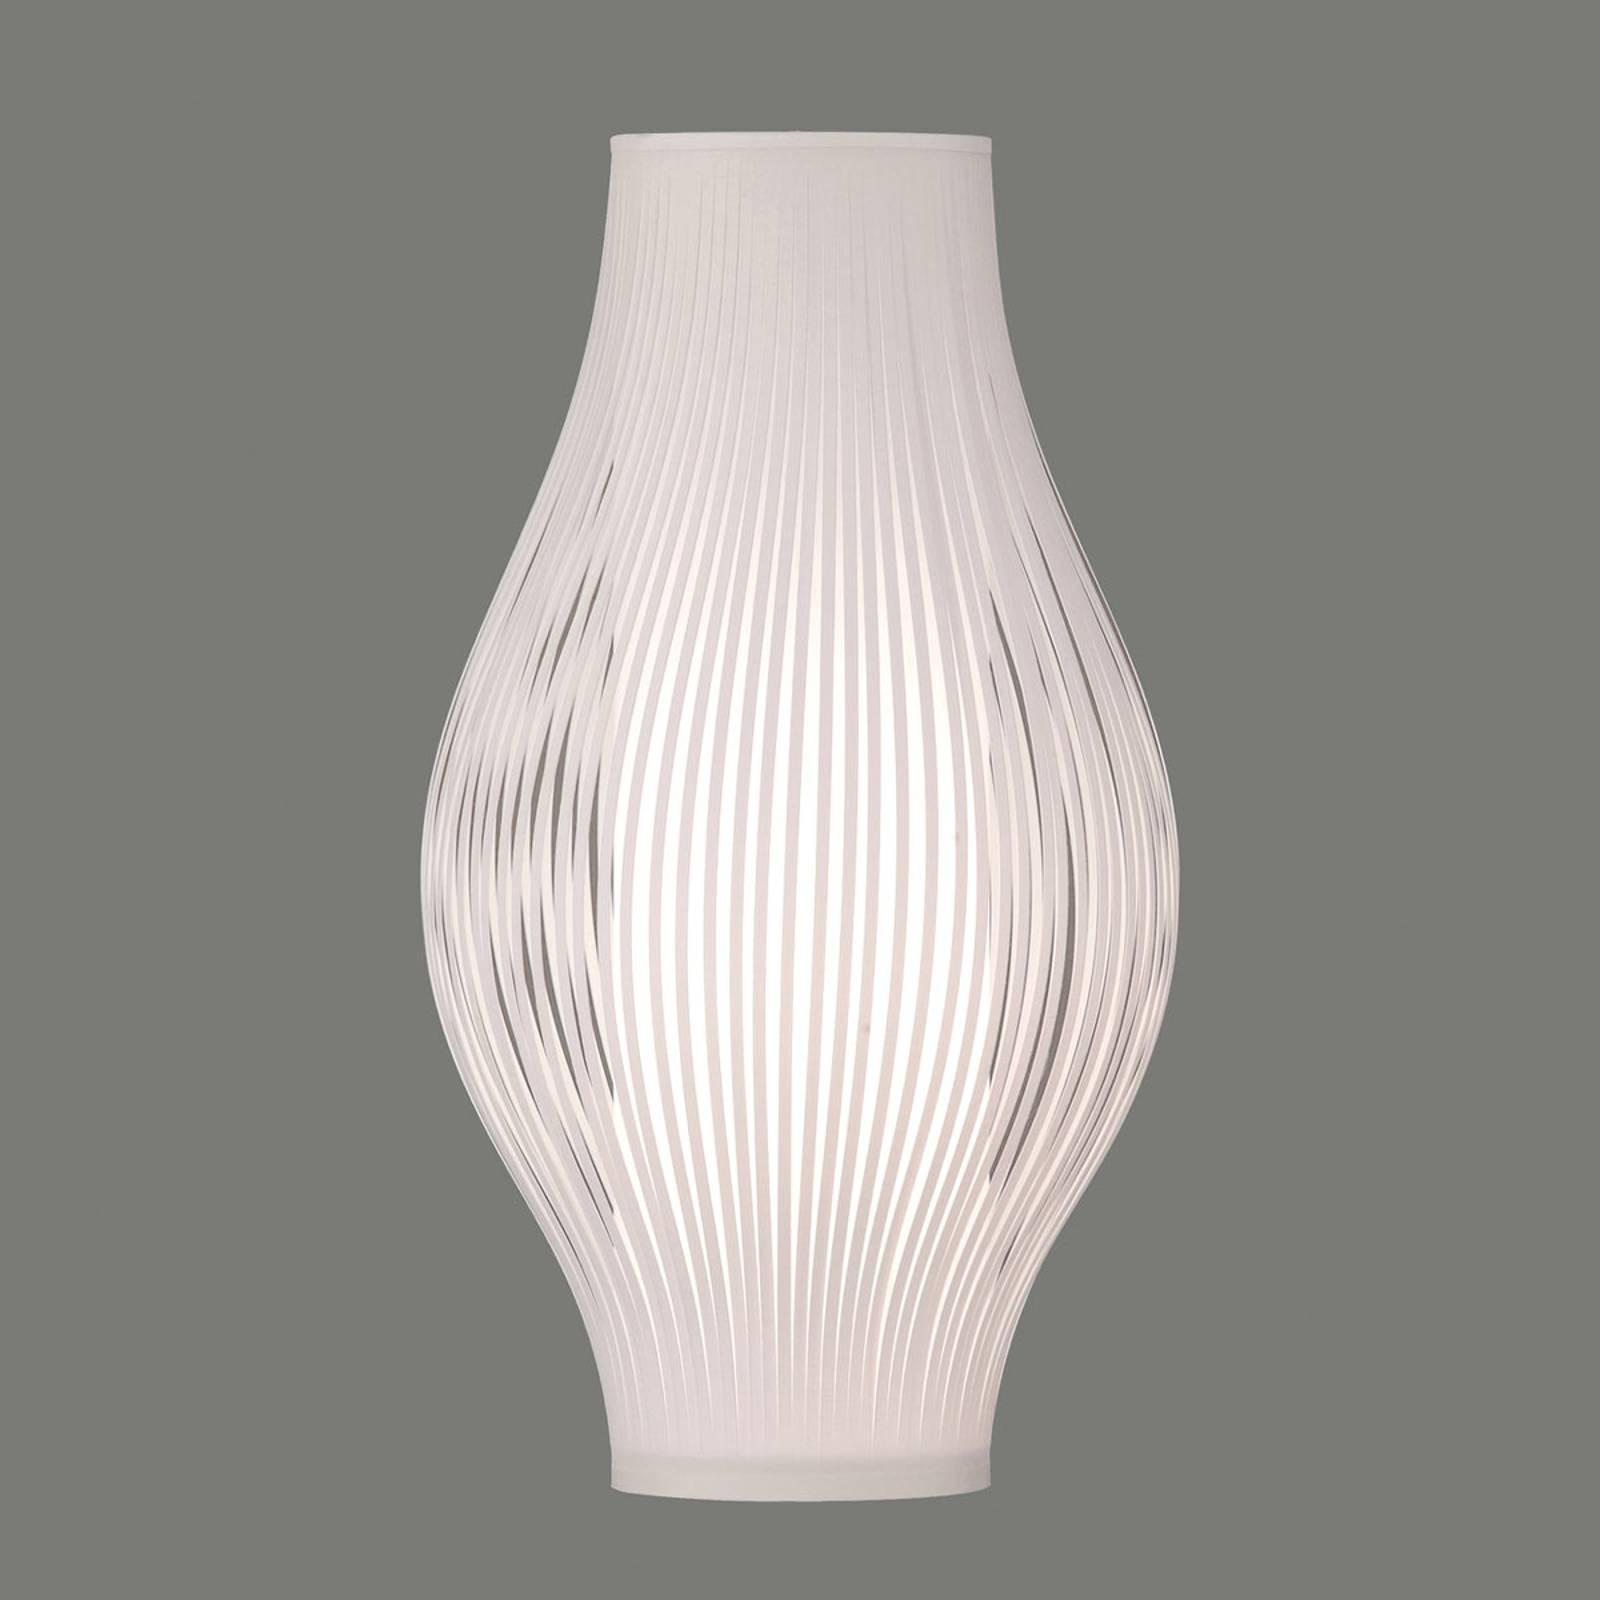 Bilde av Bordlampe Murta, 51 Cm, Hvit